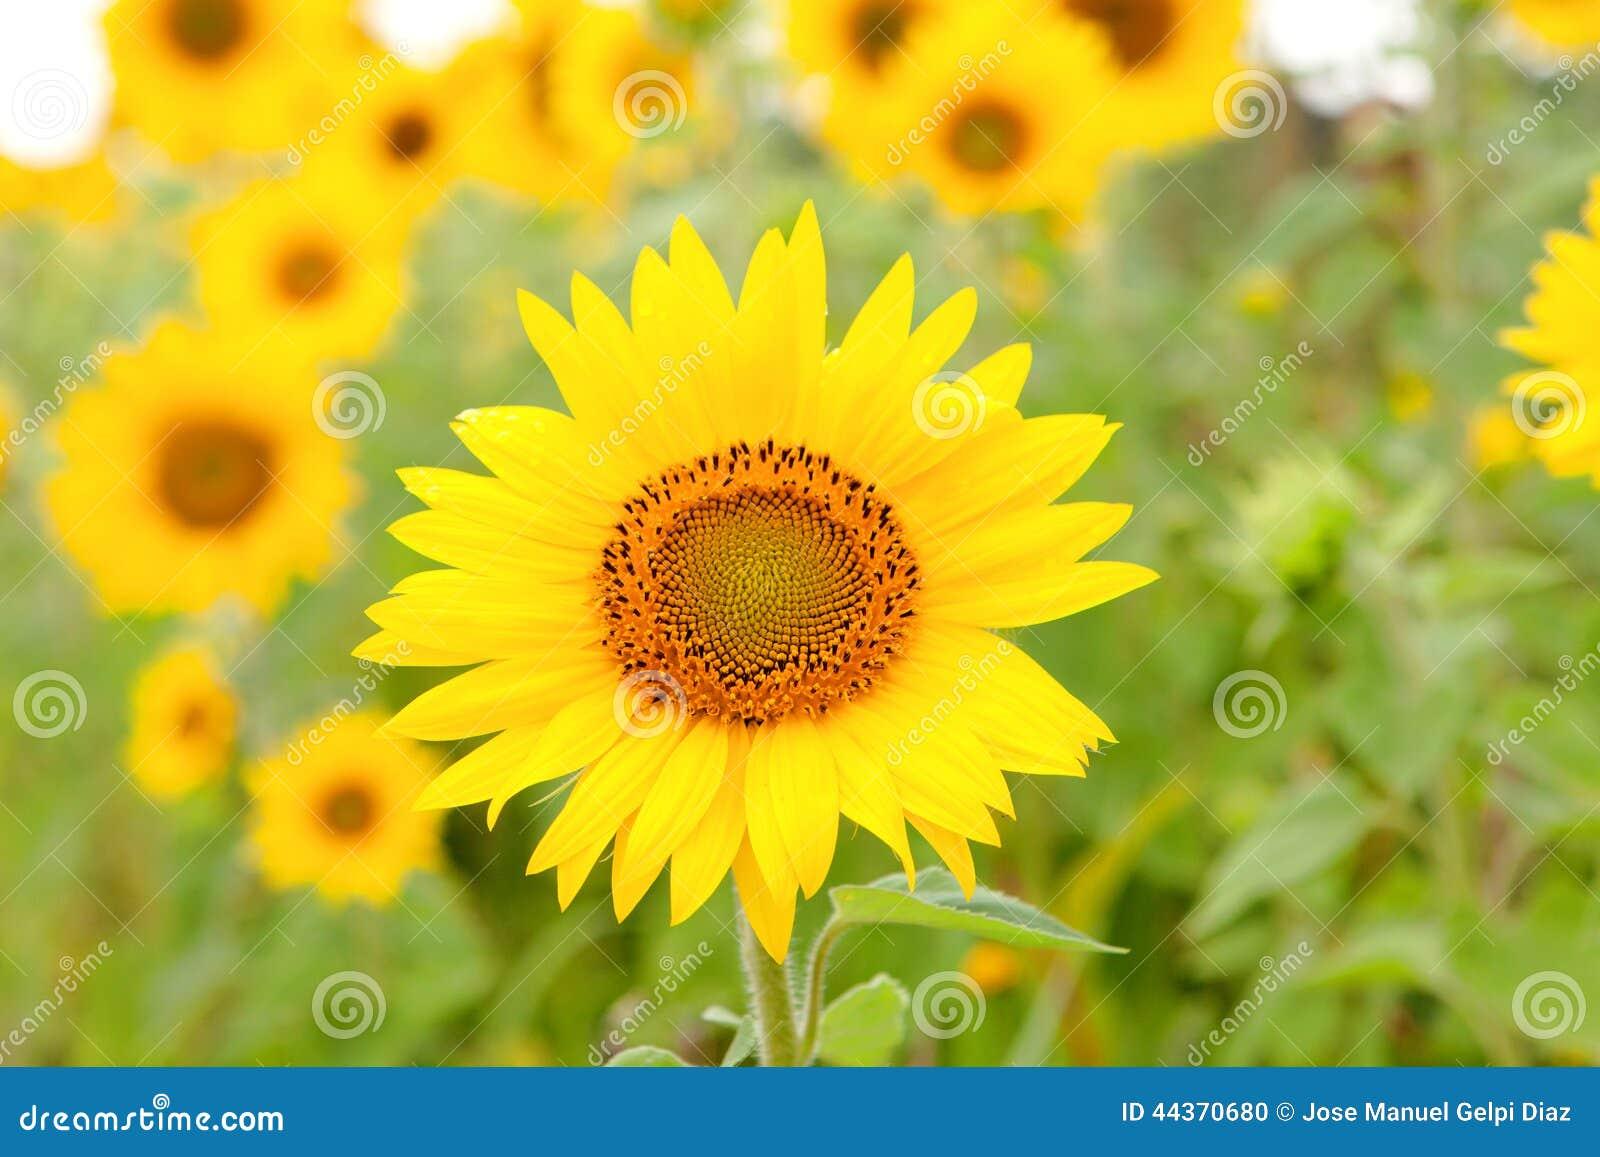 Bello girasole con giallo luminoso